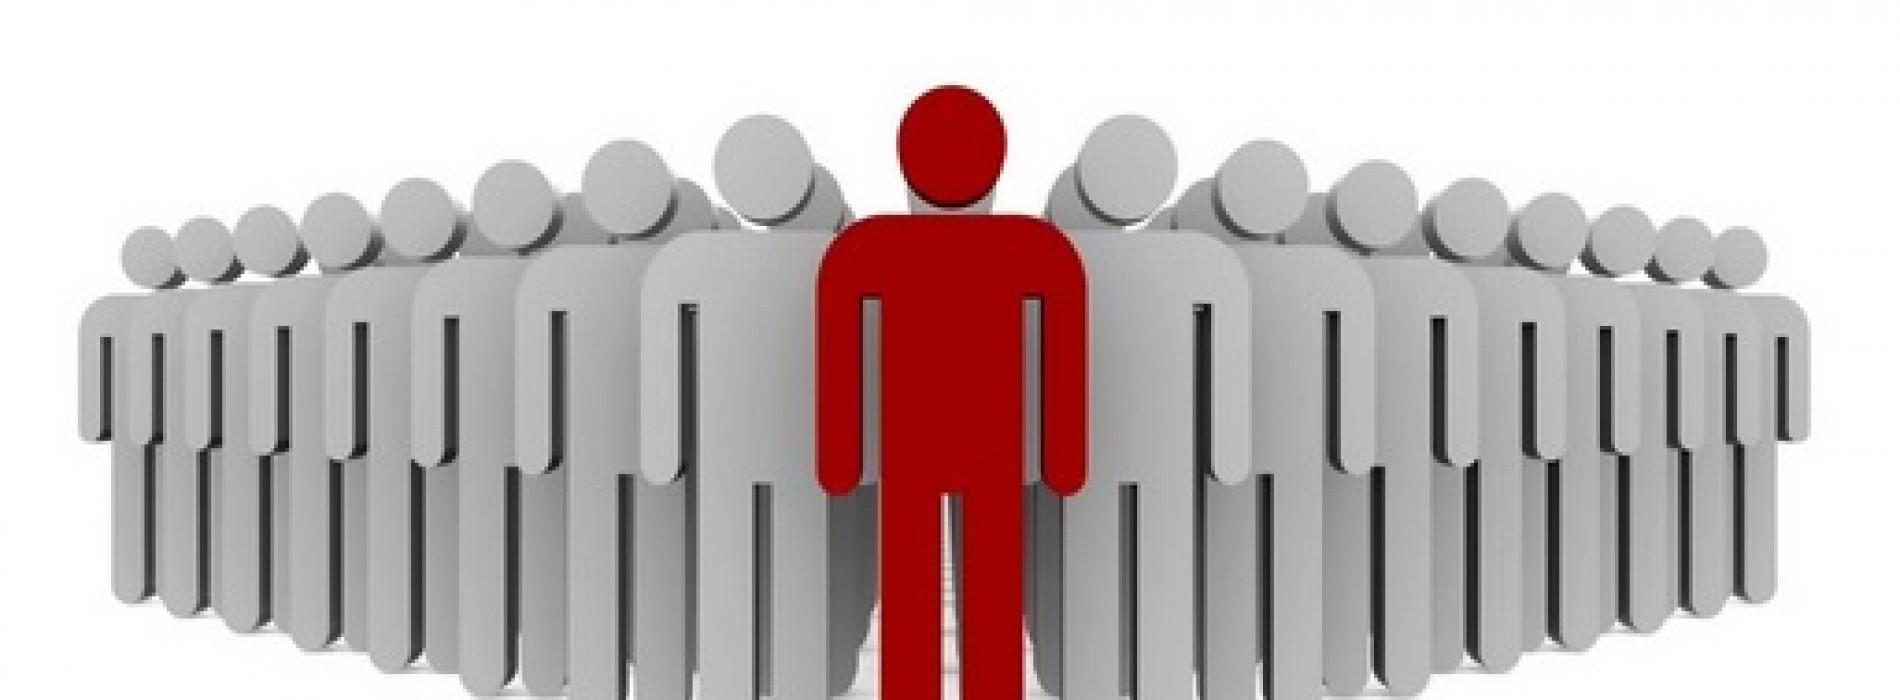 Czym wyróżnia się idealny menadżer?